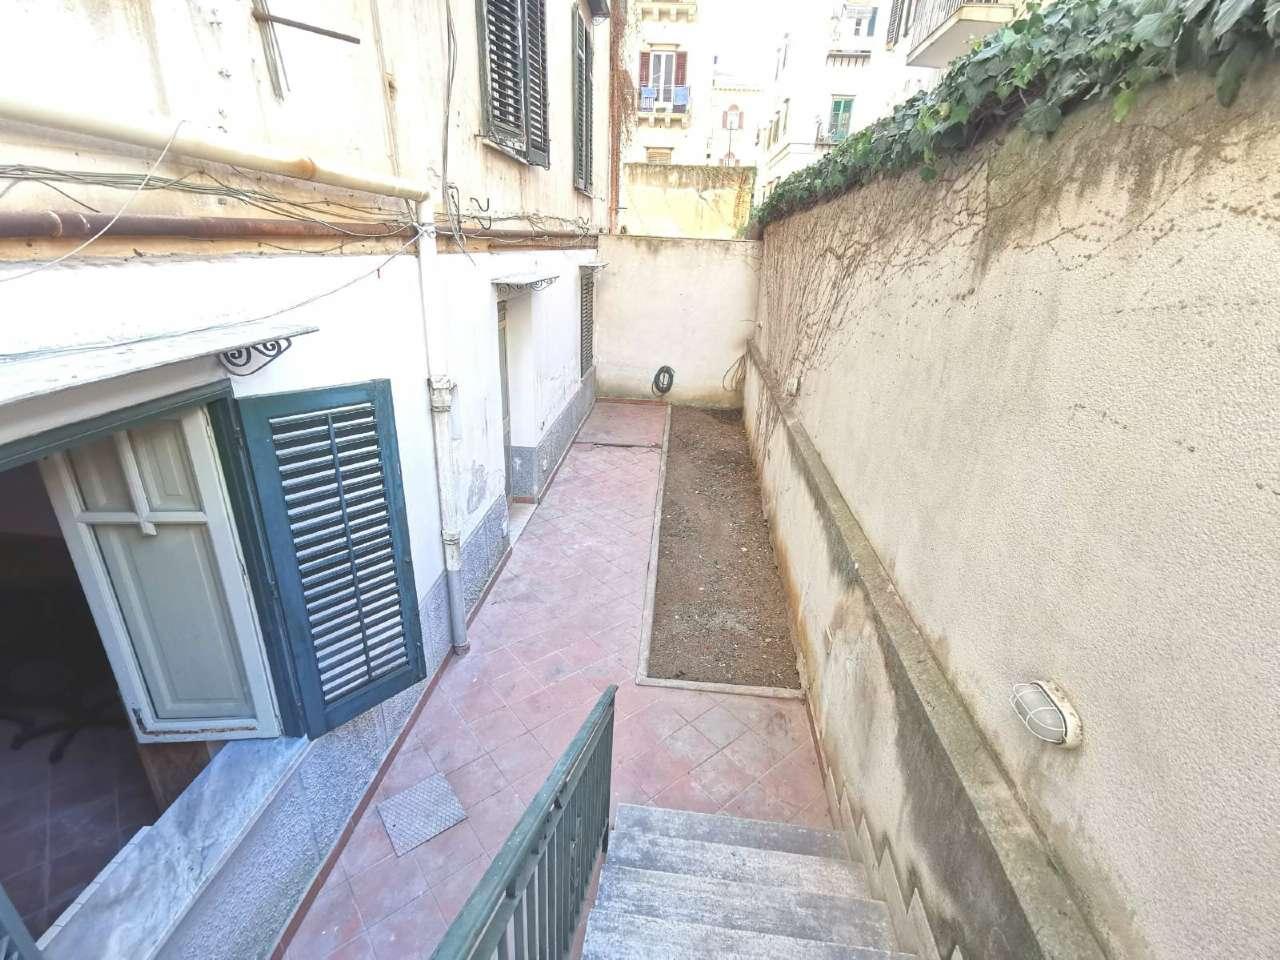 Ufficio-studio in Affitto a Palermo: 2 locali, 60 mq